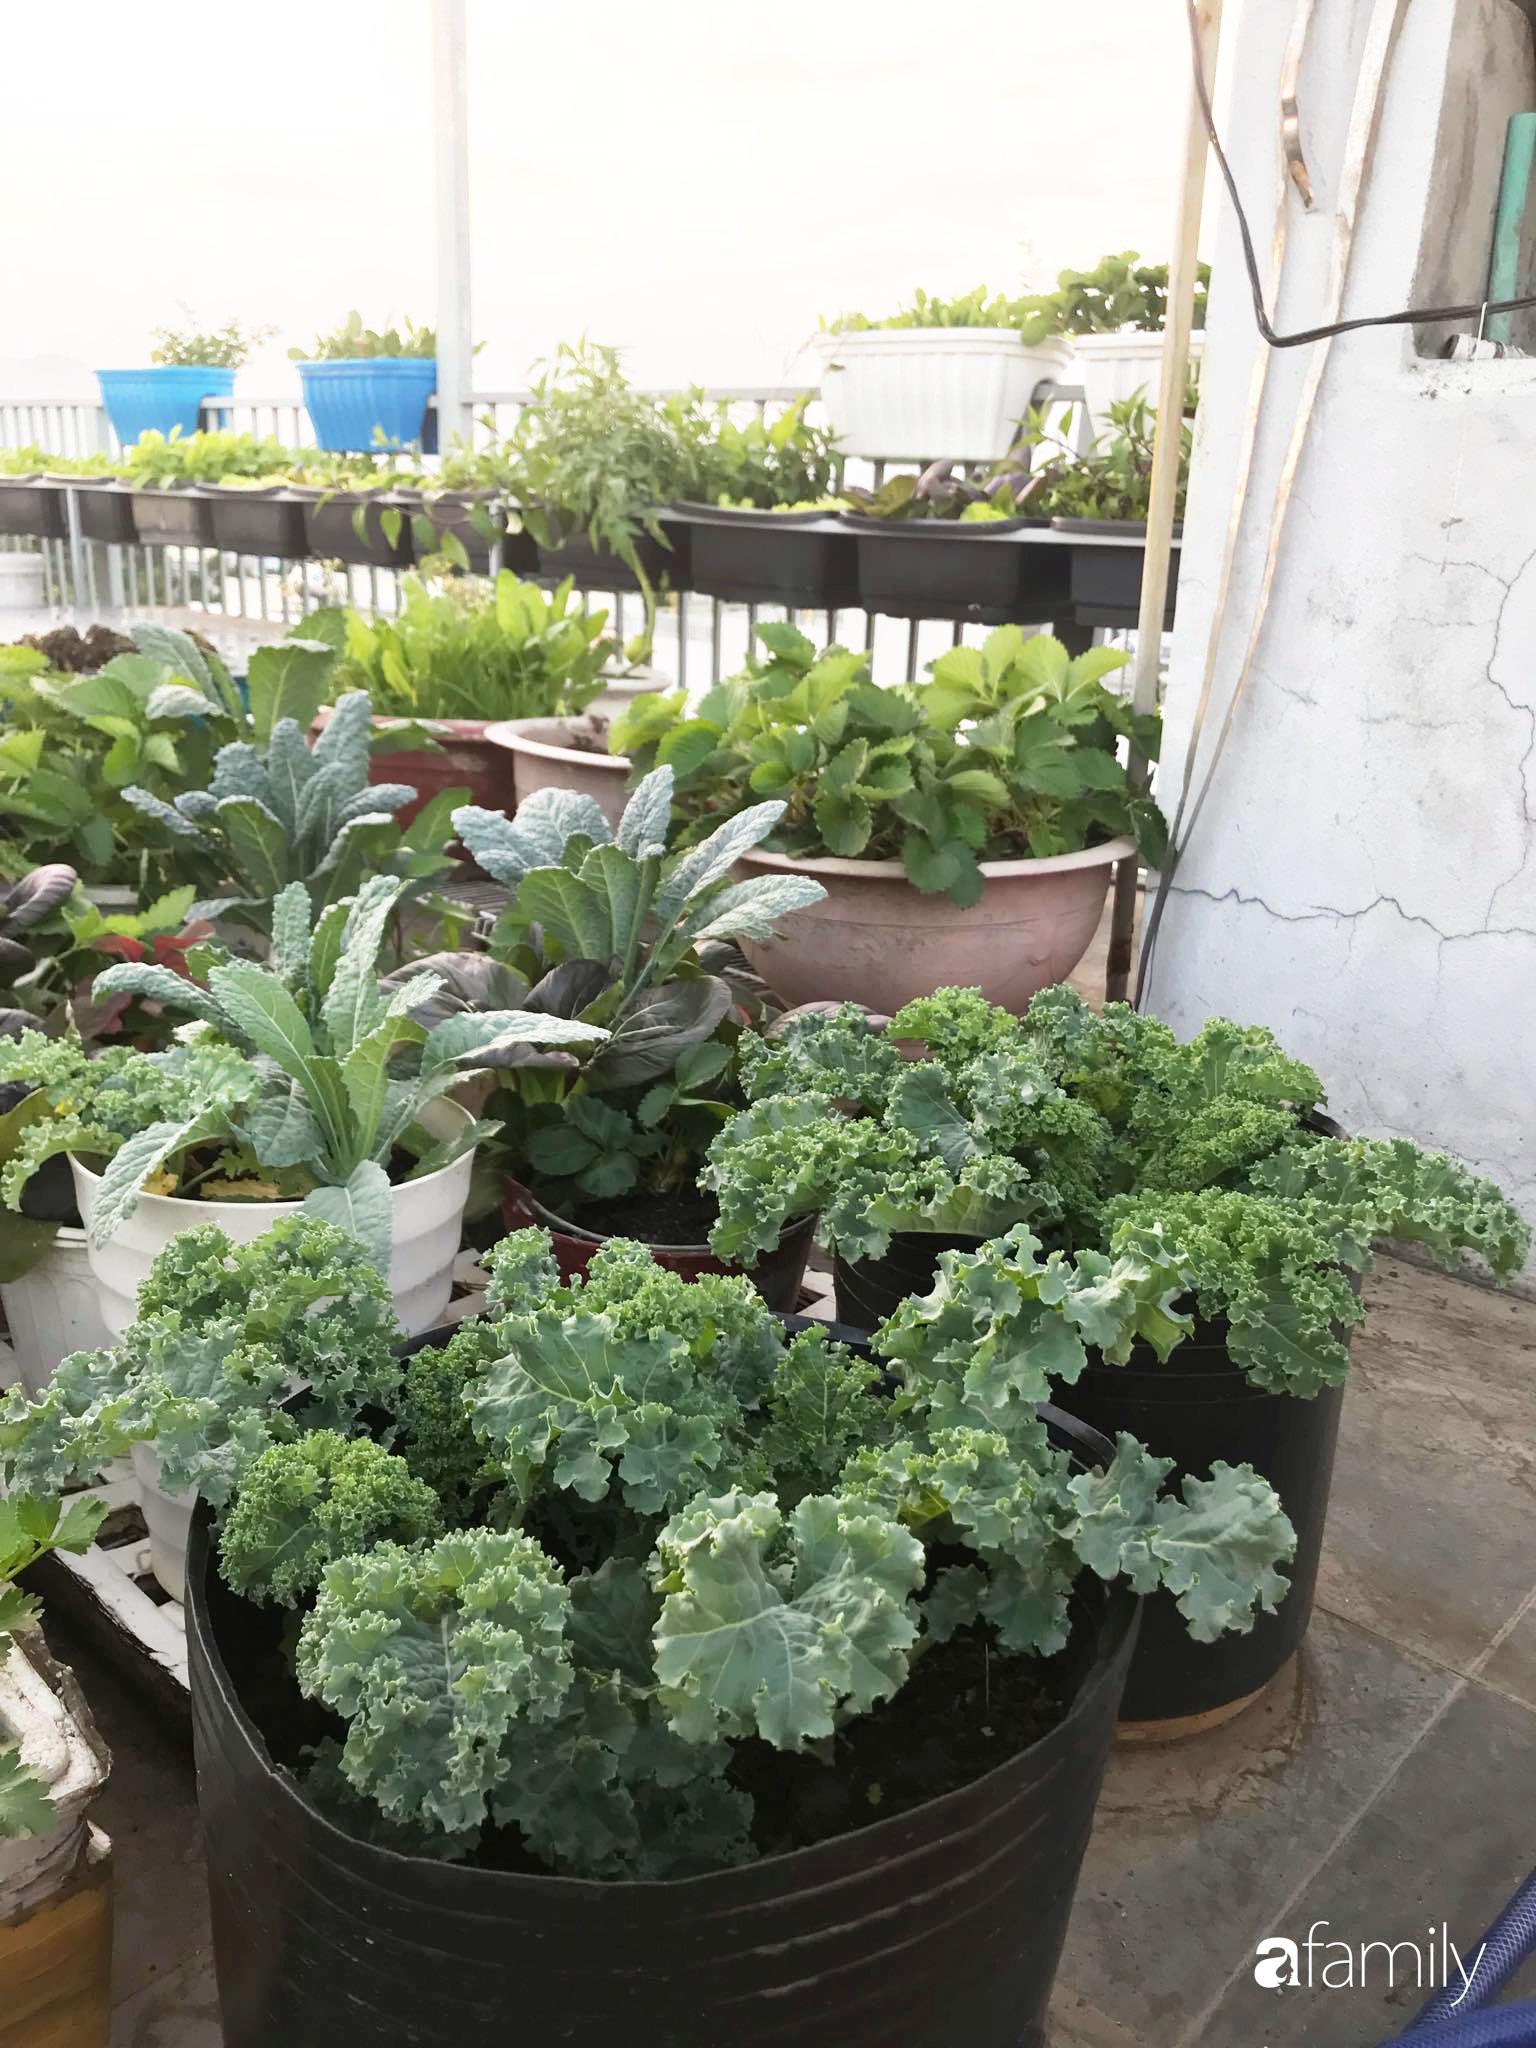 Mong con được ăn ru sạch hàng ngày, bà mẹ Đà Nẵng trồng cả sân thượng tươi tốt nhờ kinh nghiệm đơn giản - Ảnh 16.